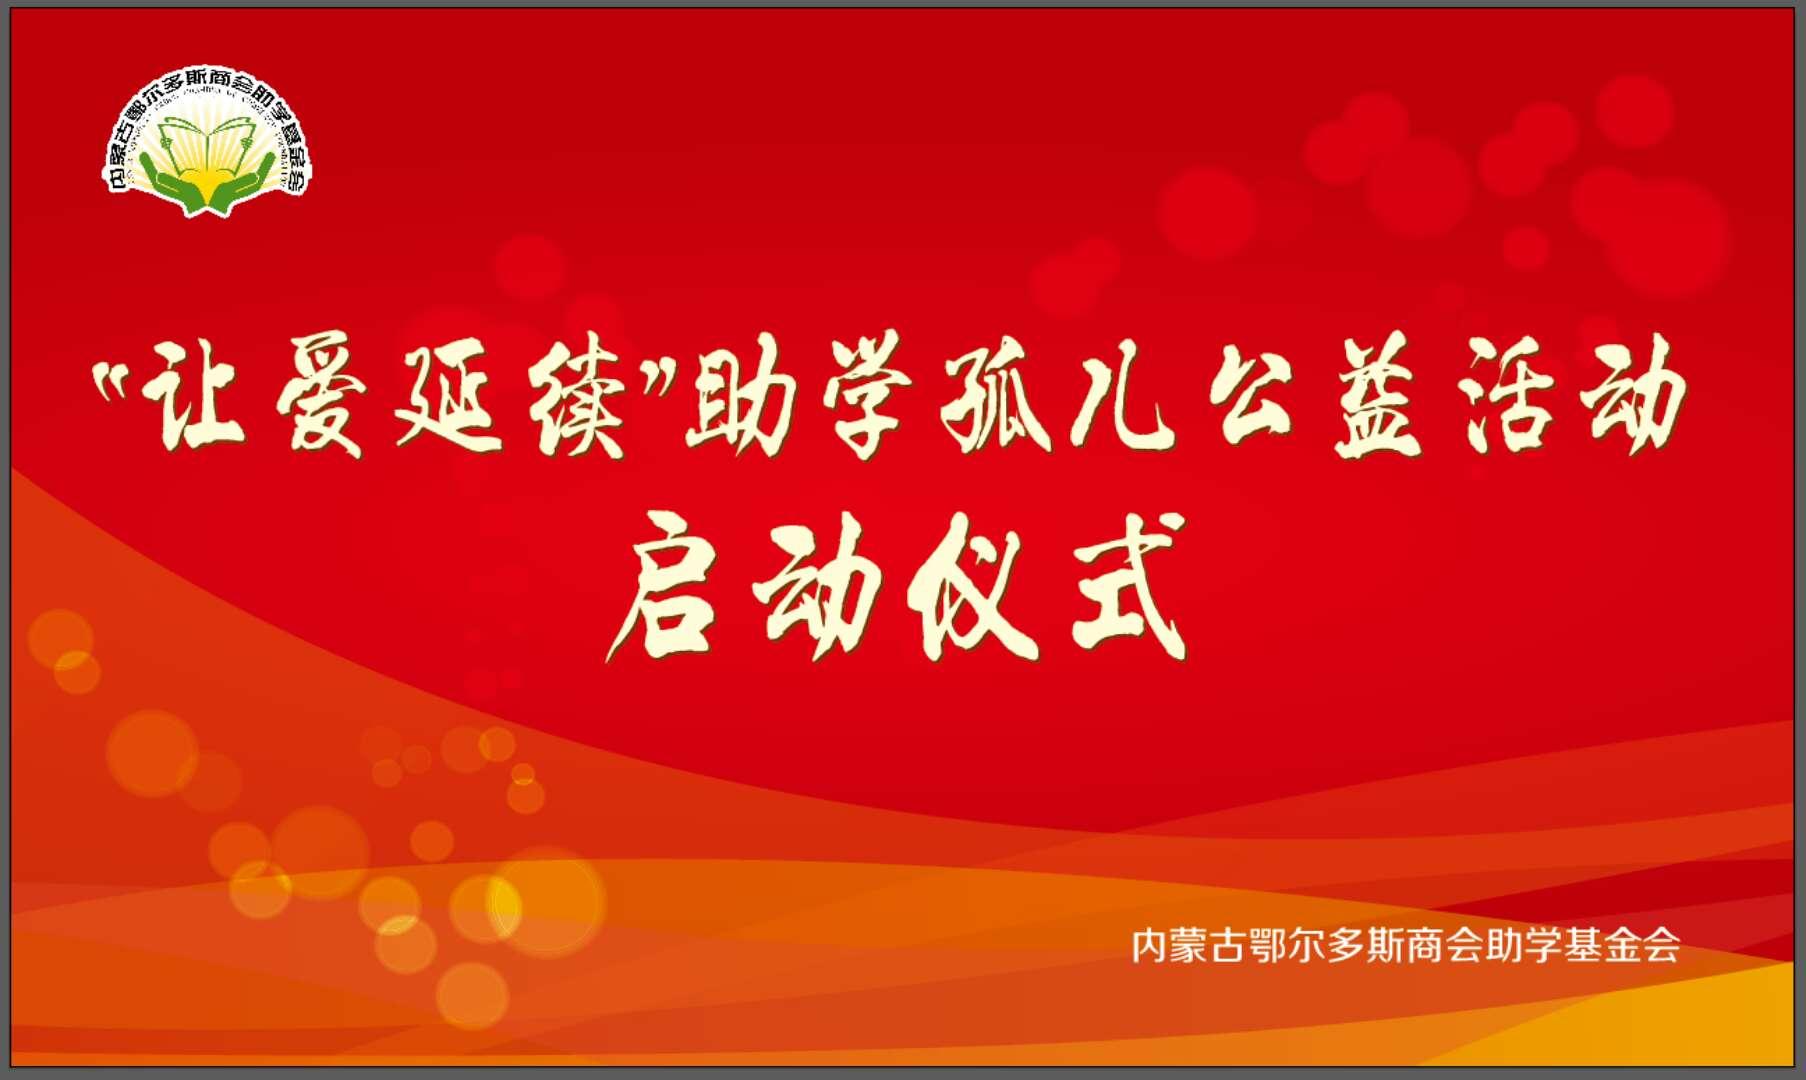 """""""让爱延续""""助学孤儿公益活动启动仪式于6月1日在鄂尔多斯东胜开幕"""